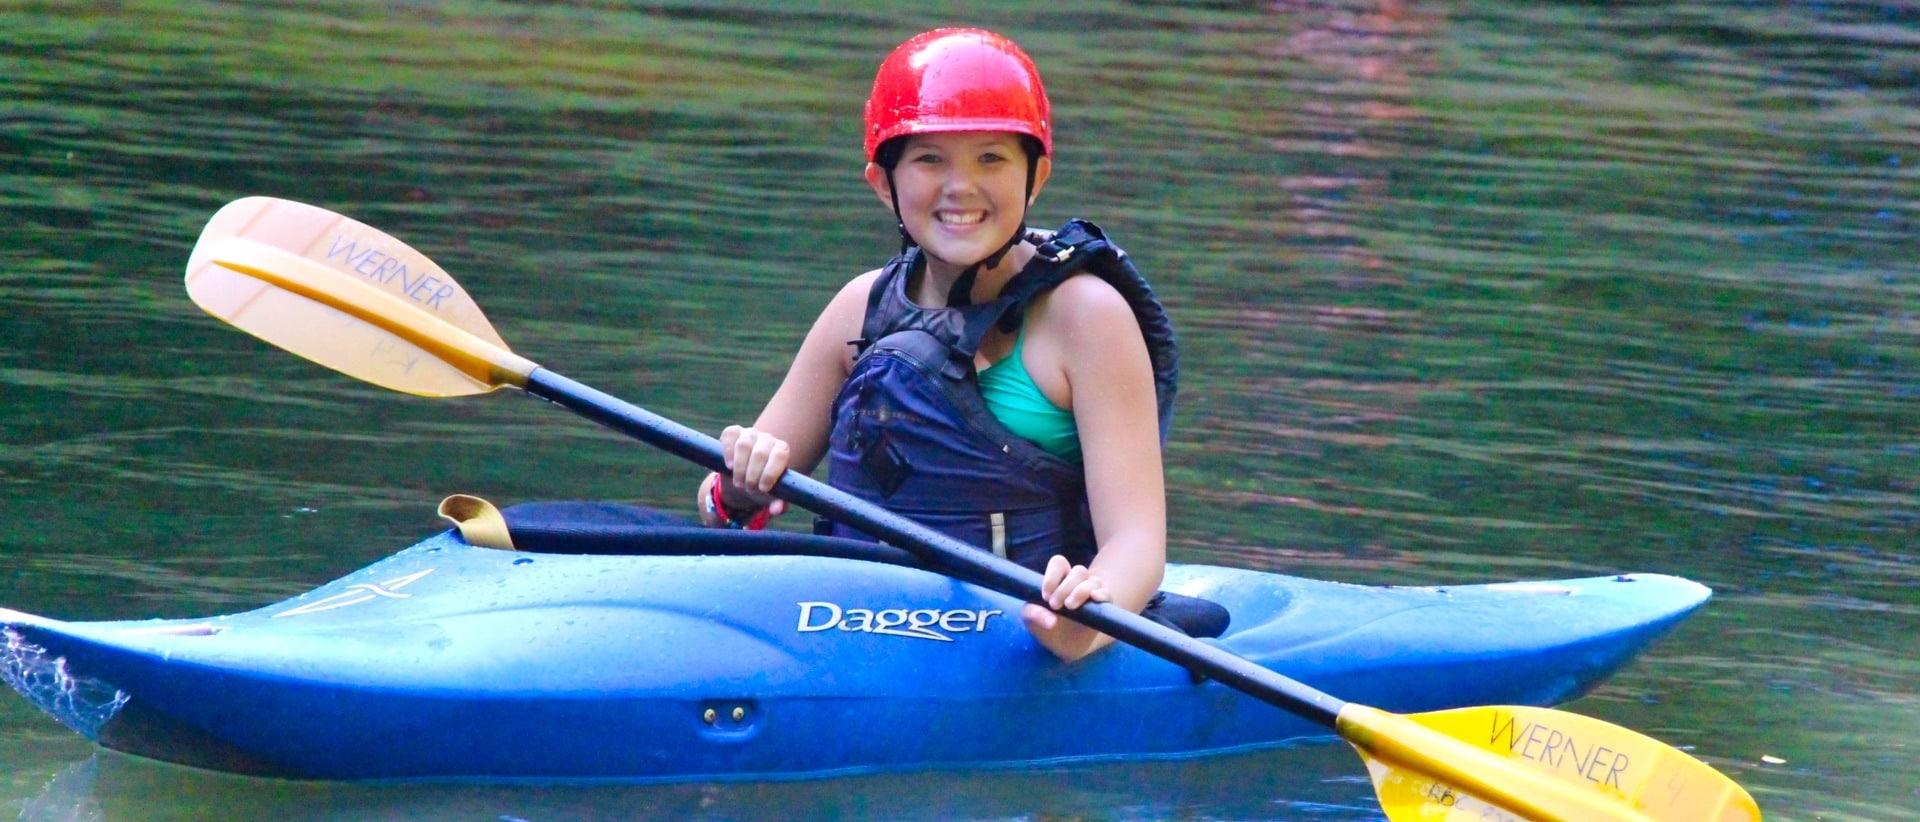 kayaking trip child